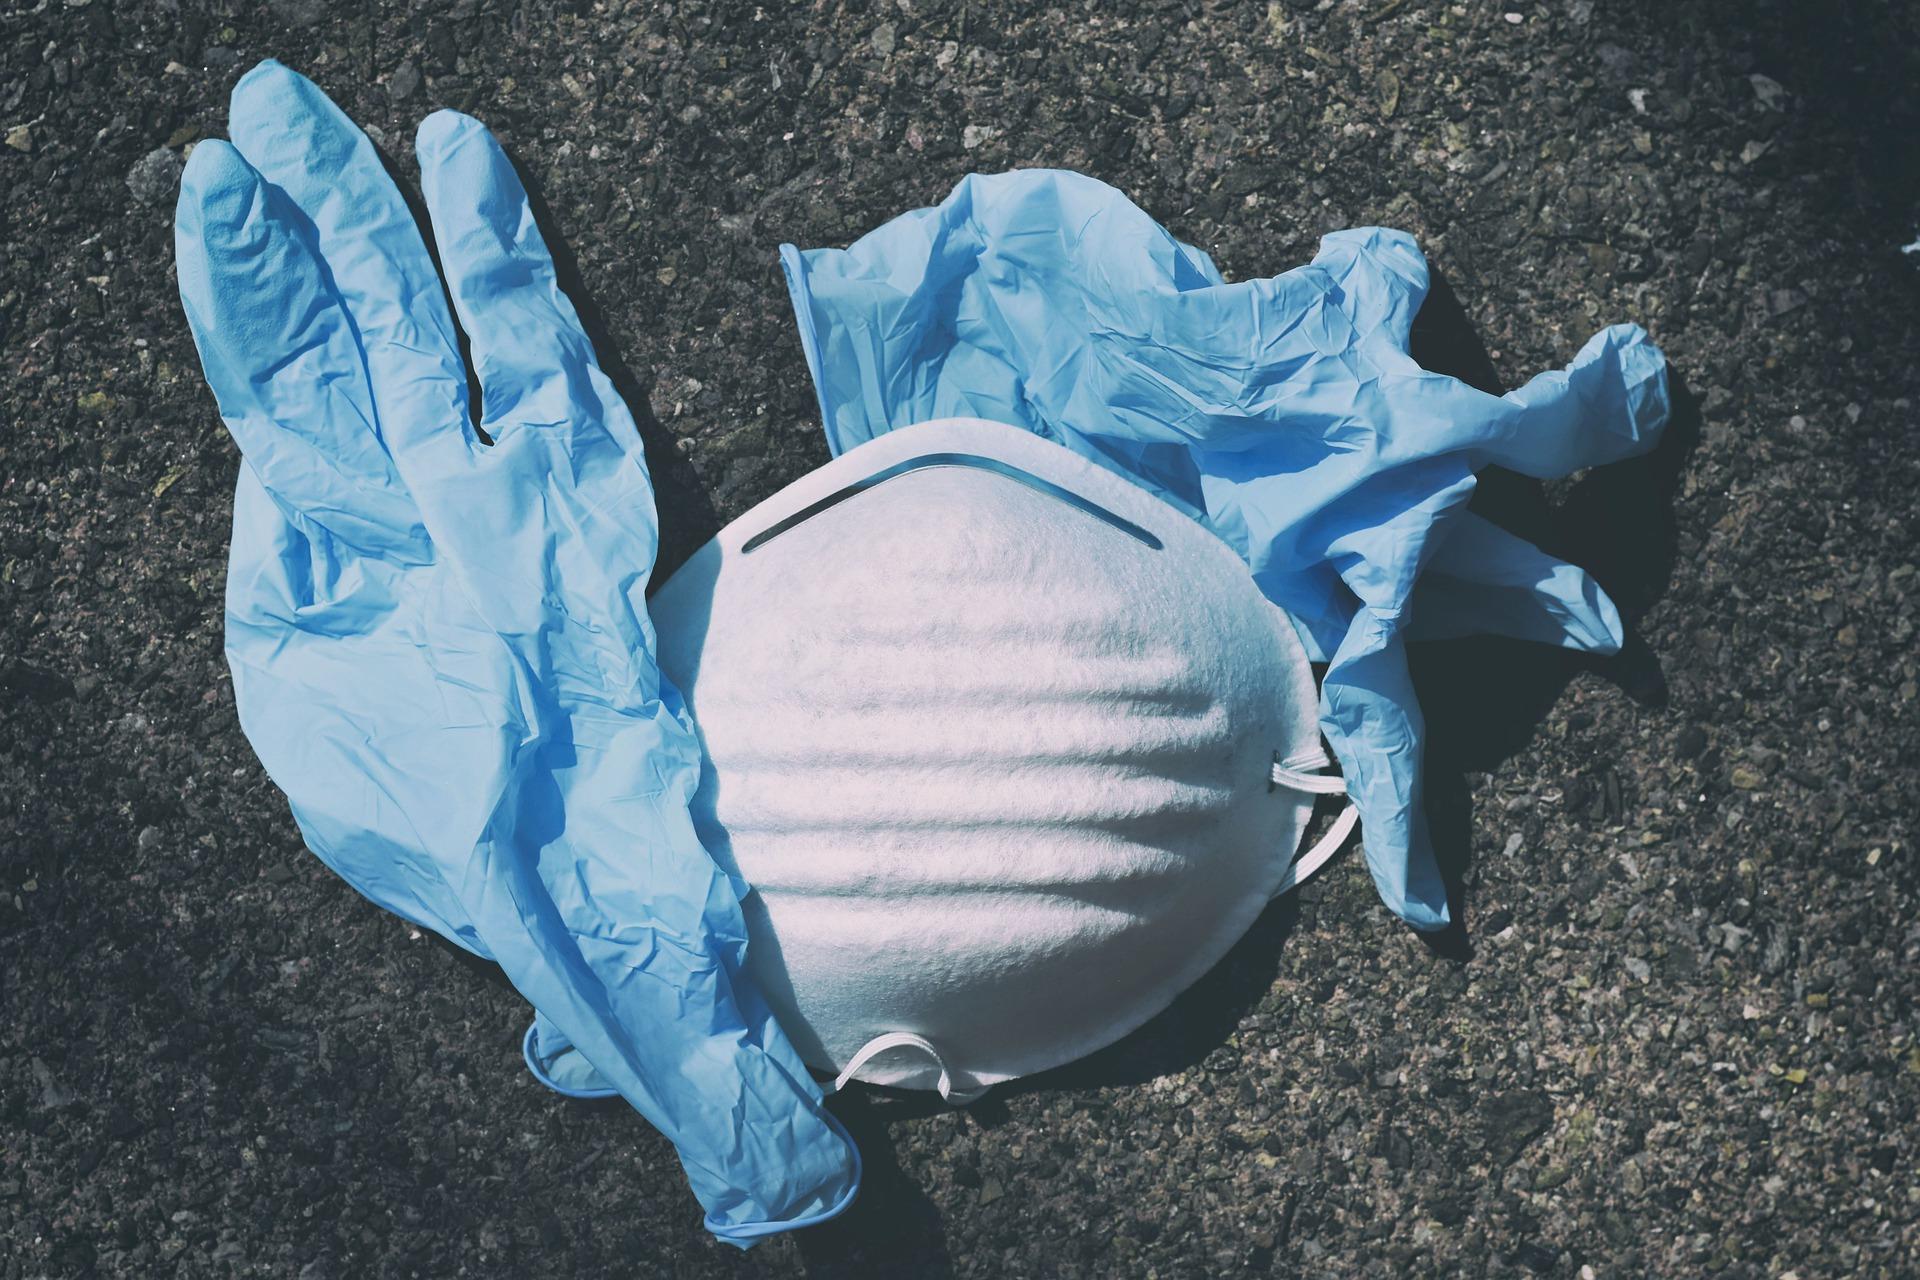 Smaltimento dei rifiuti da possibile contaminazione SARS-COV-2